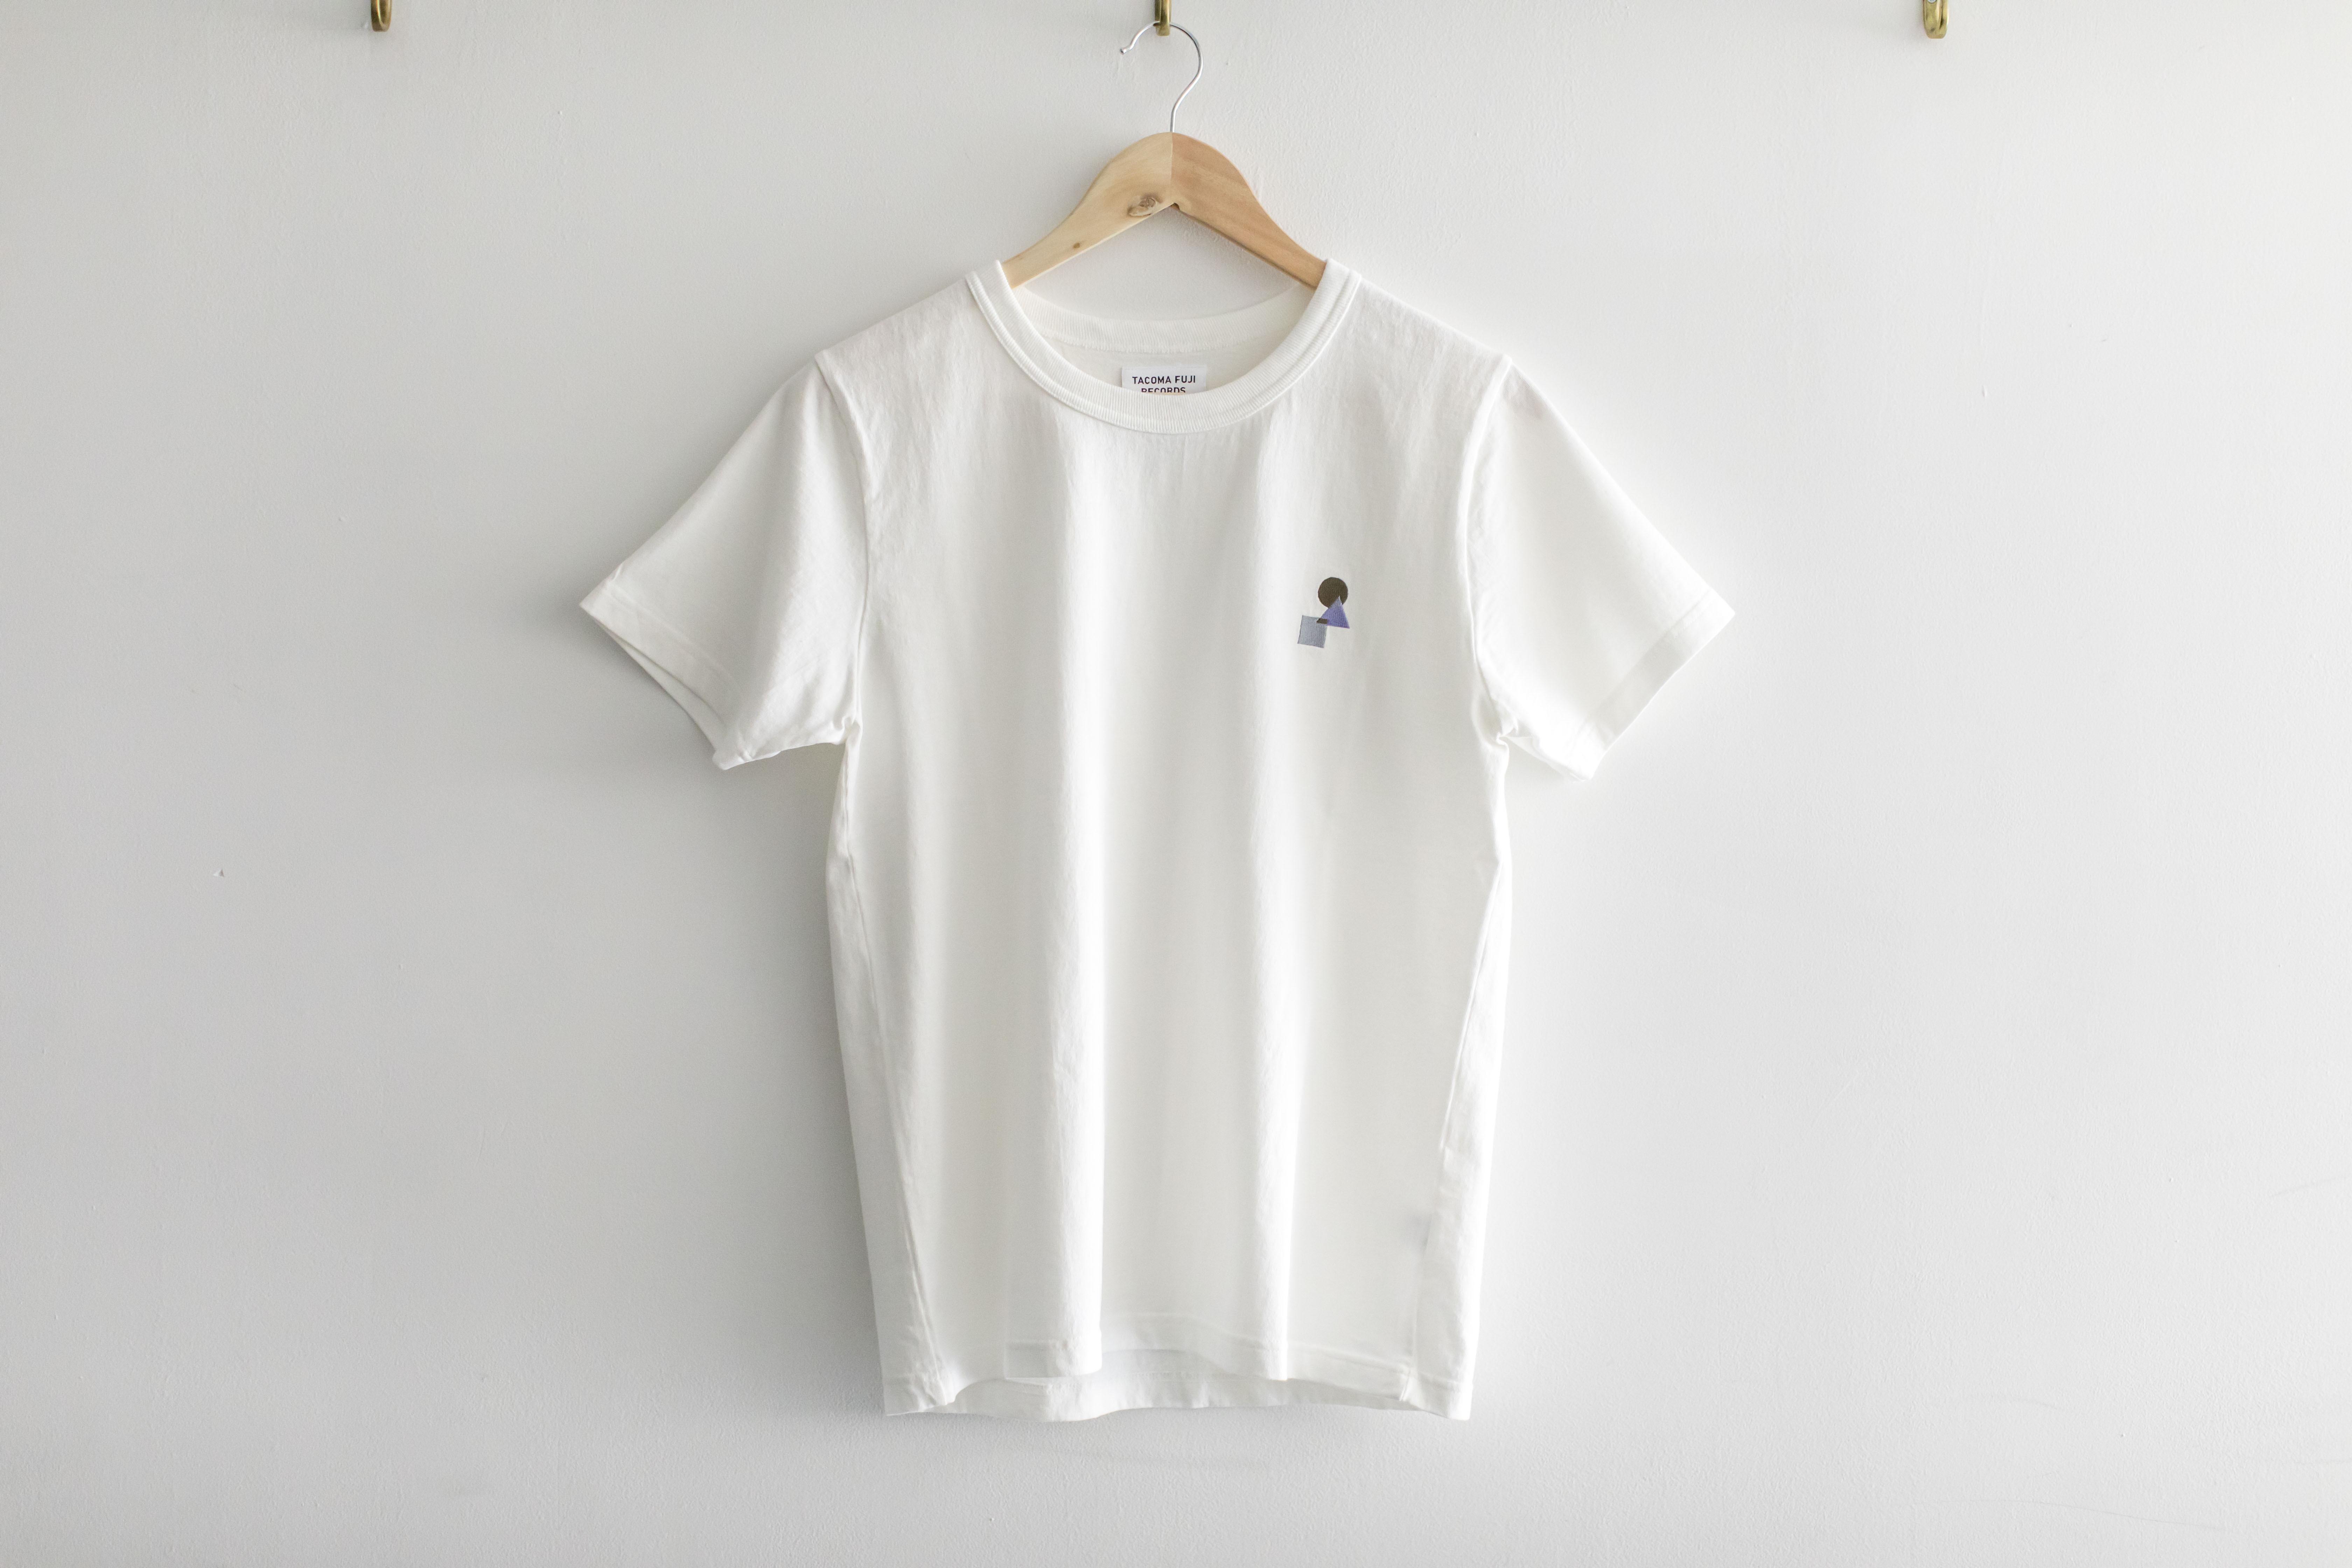 Tシャツ / ○△□ designed by Jerry Ukai × TACOMA FUJI RECORDS